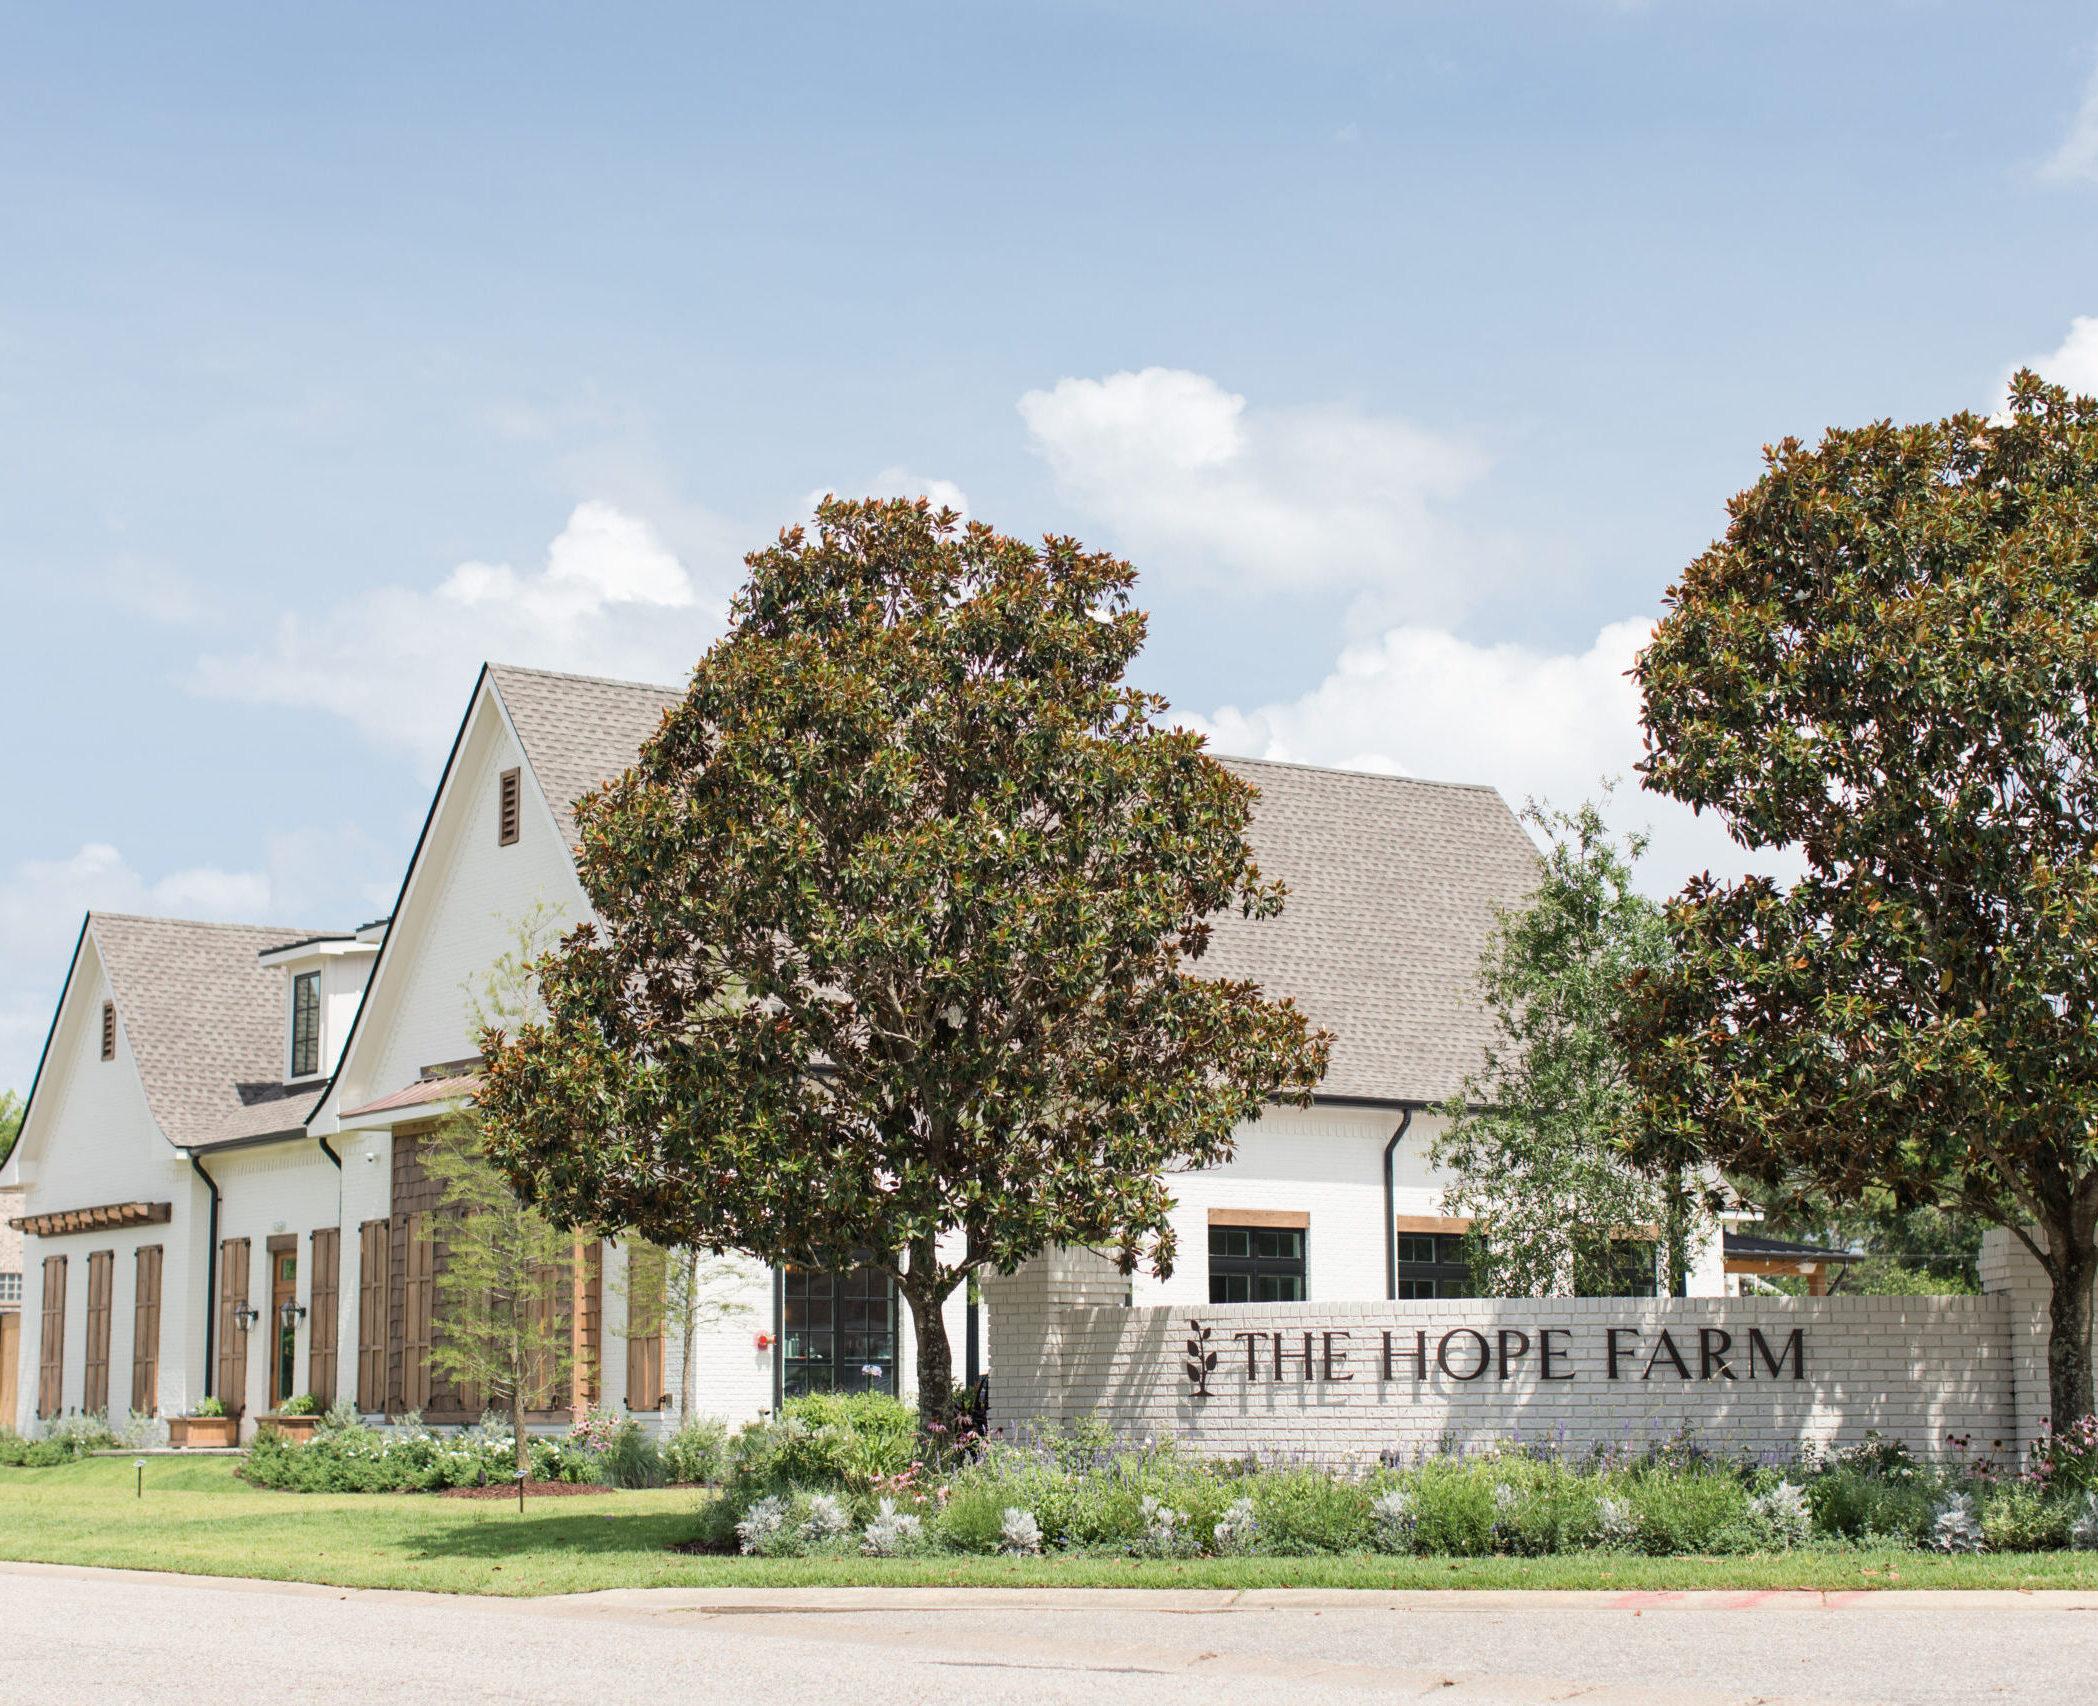 The Hope Farm